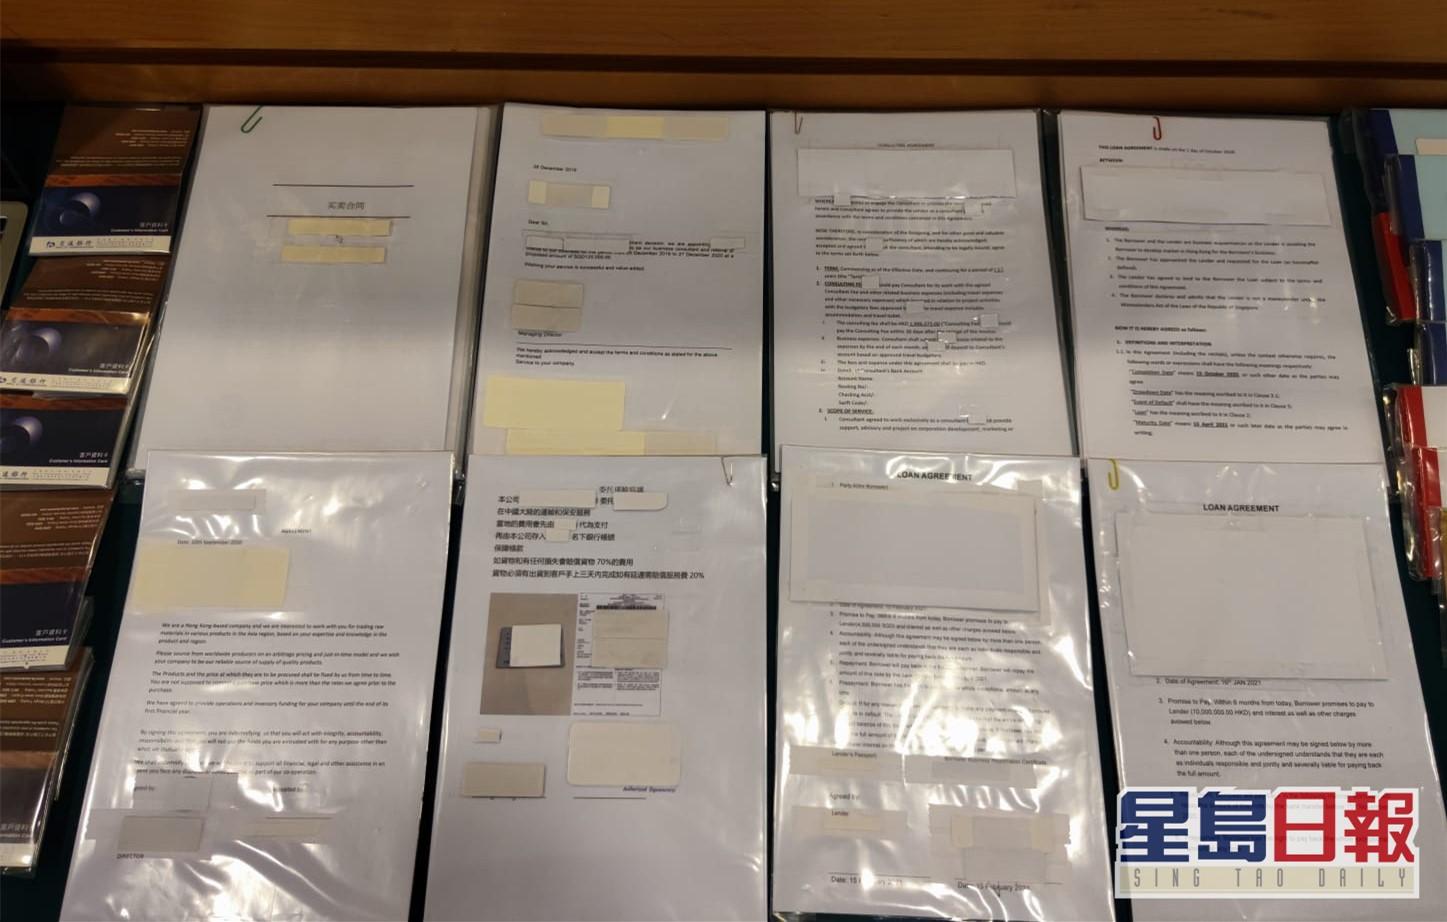 香港海关破获利用虚拟货币USDT洗钱案 犯罪团伙通过空壳公司洗钱12亿